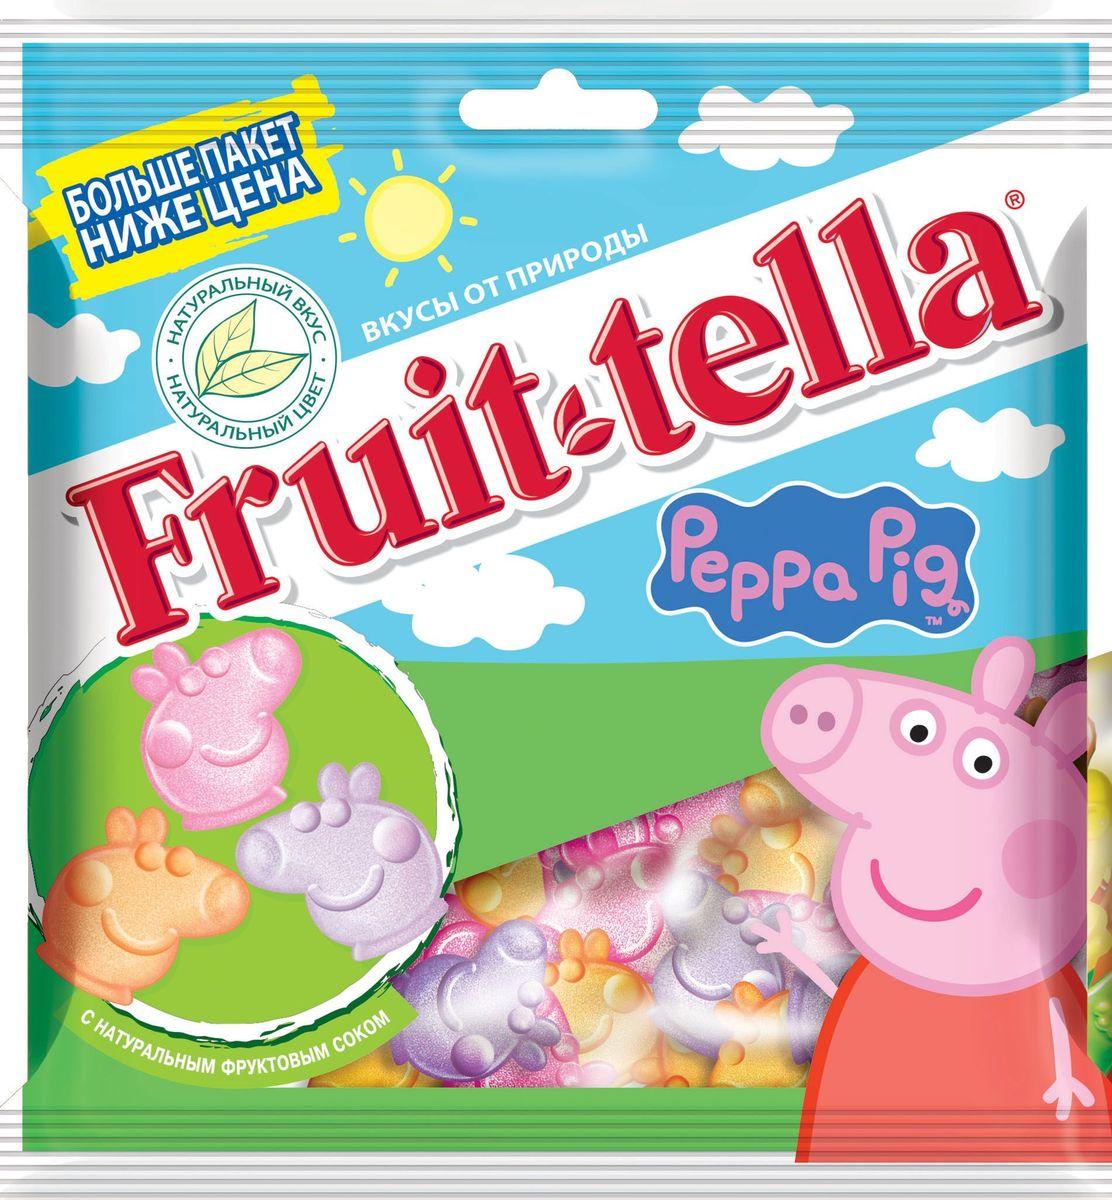 Fruittella Peppa Pig жевательный мармелад, 150 г 8253008